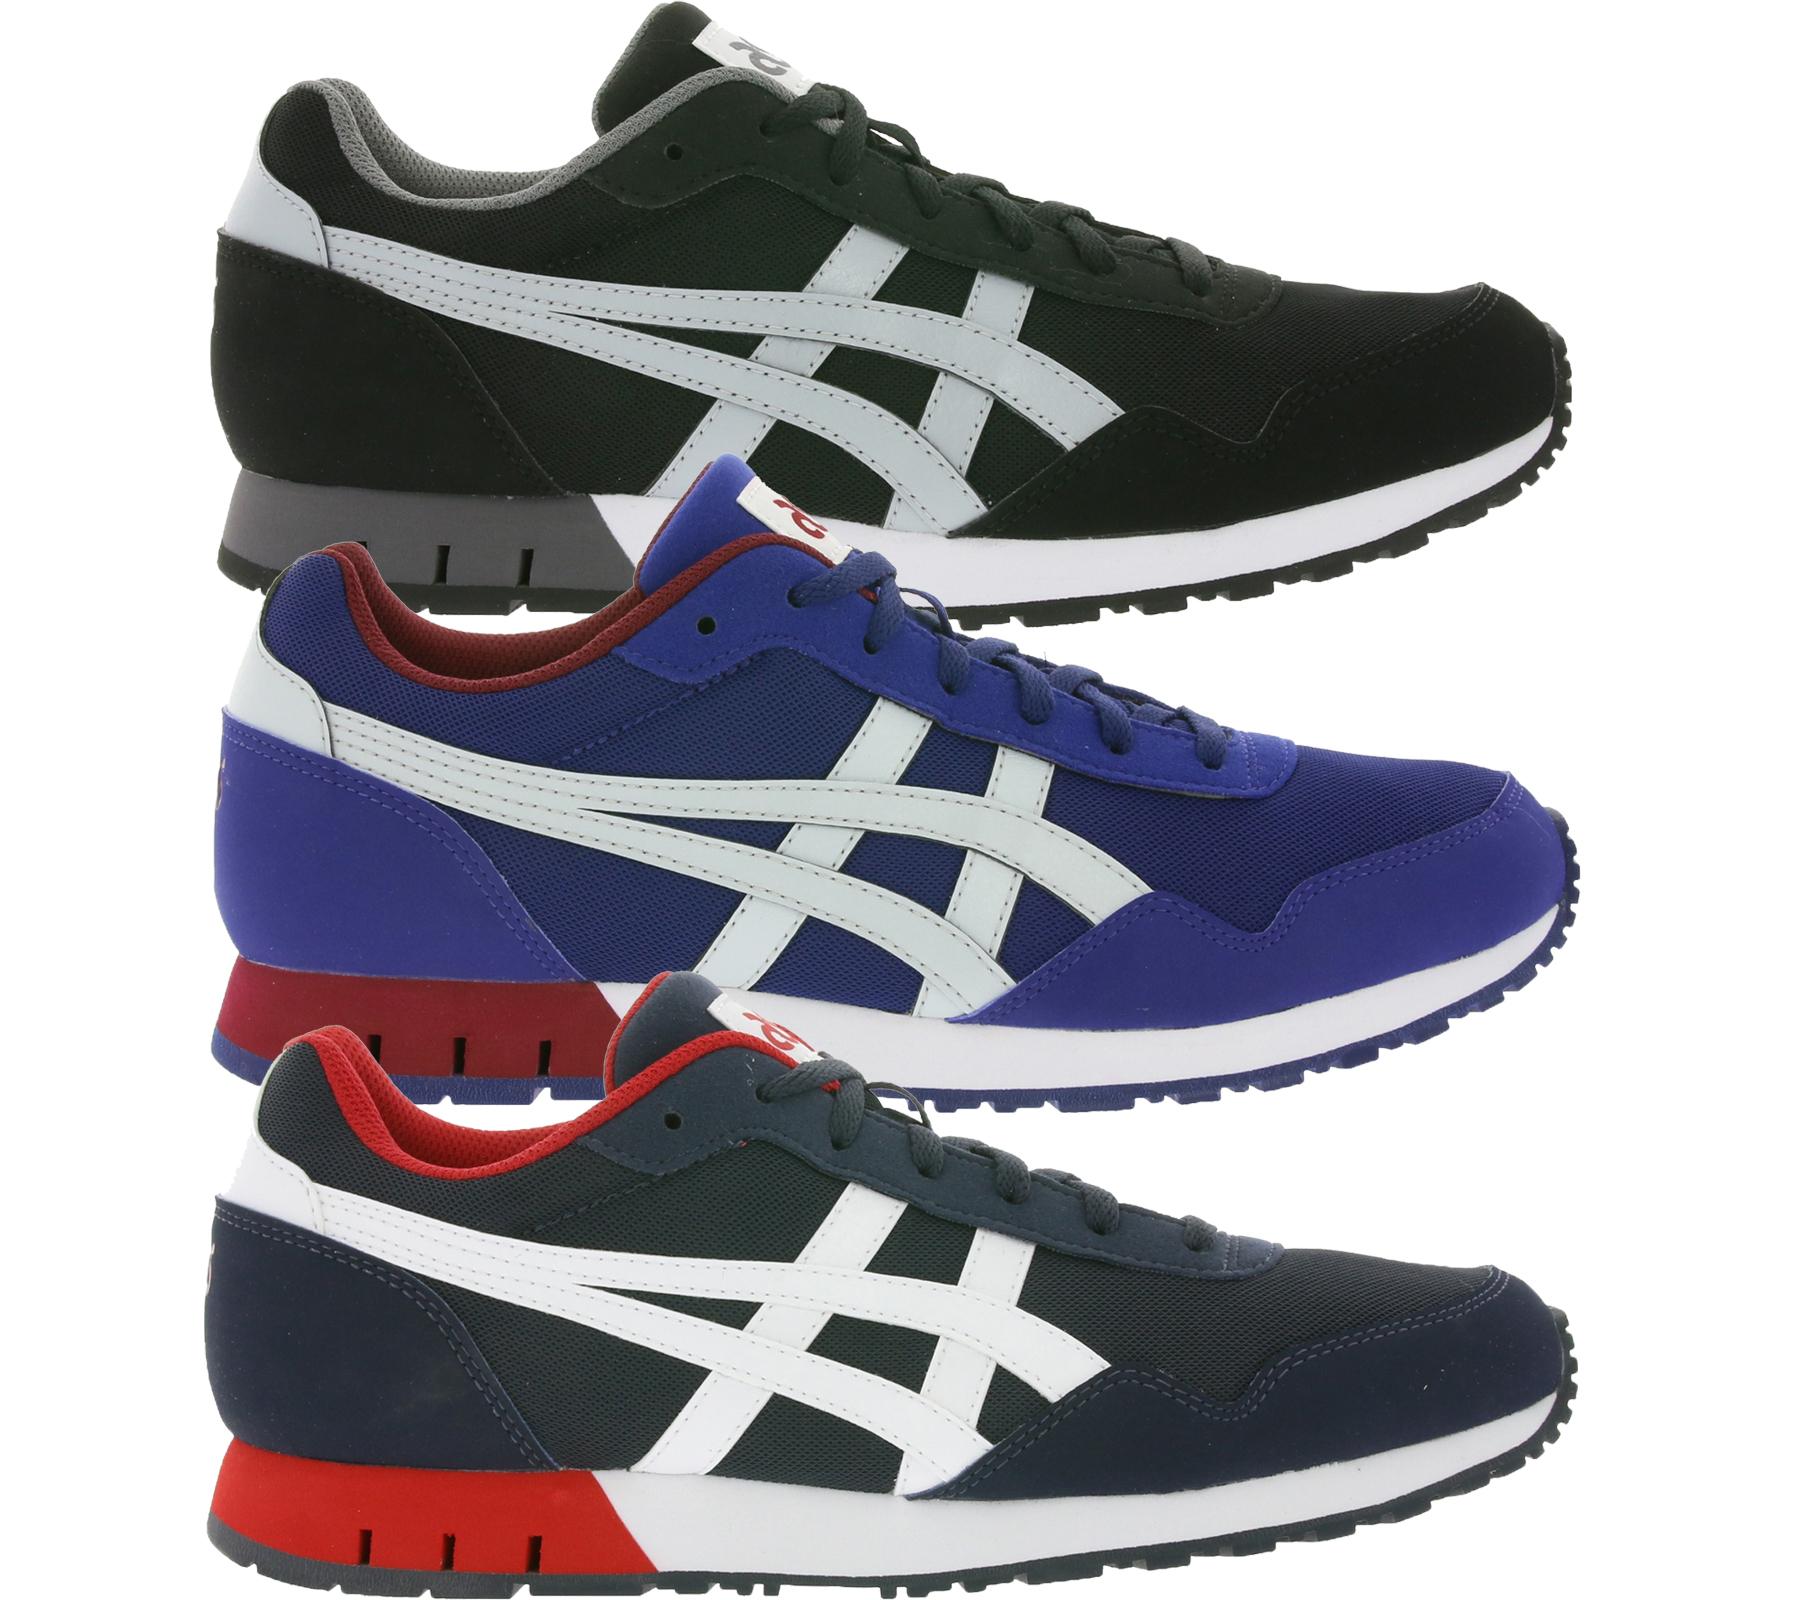 Asics Curreo Herren Sneaker für 44,99€ [Outlet46]